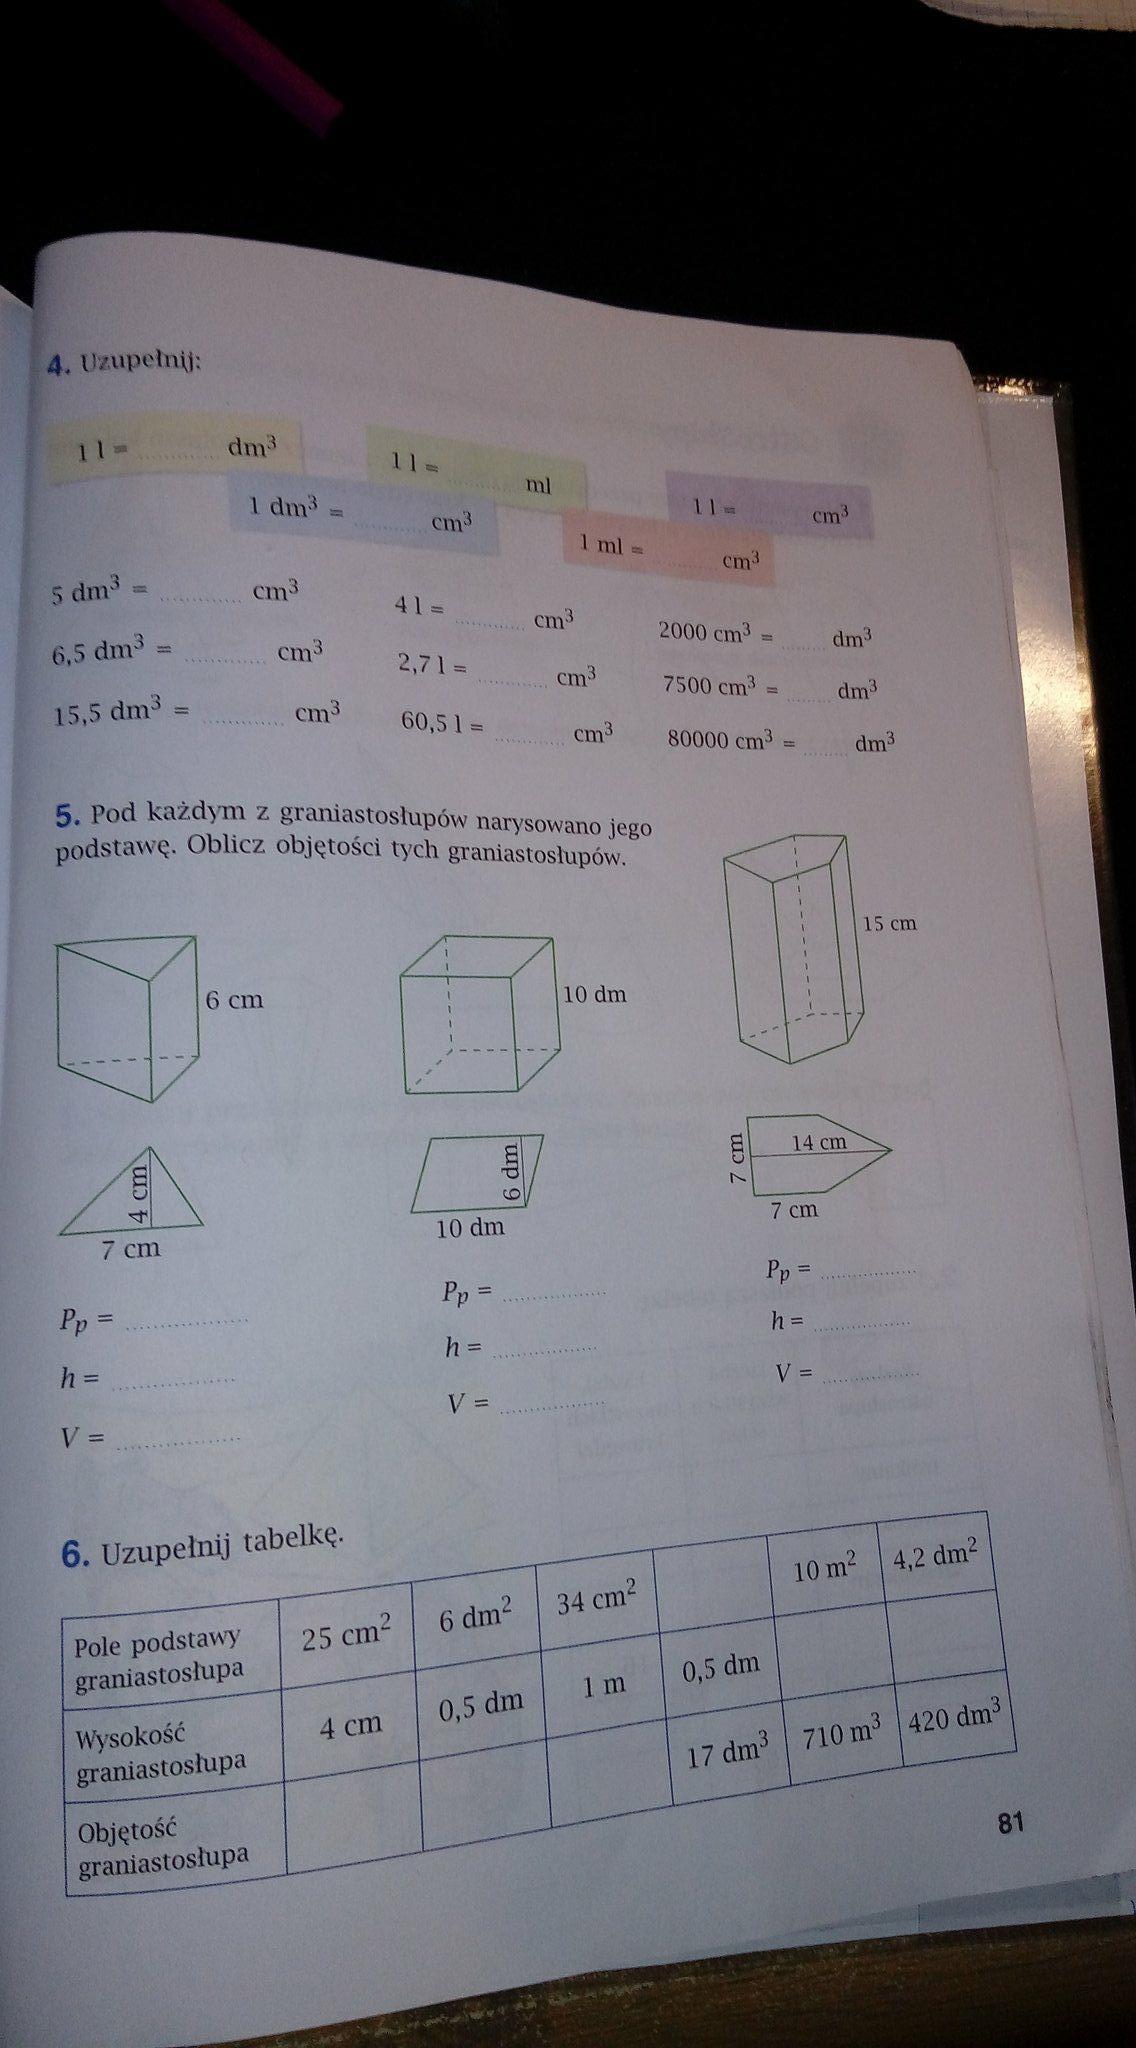 matematyka poznać zrozumieć 2 odpowiedzi